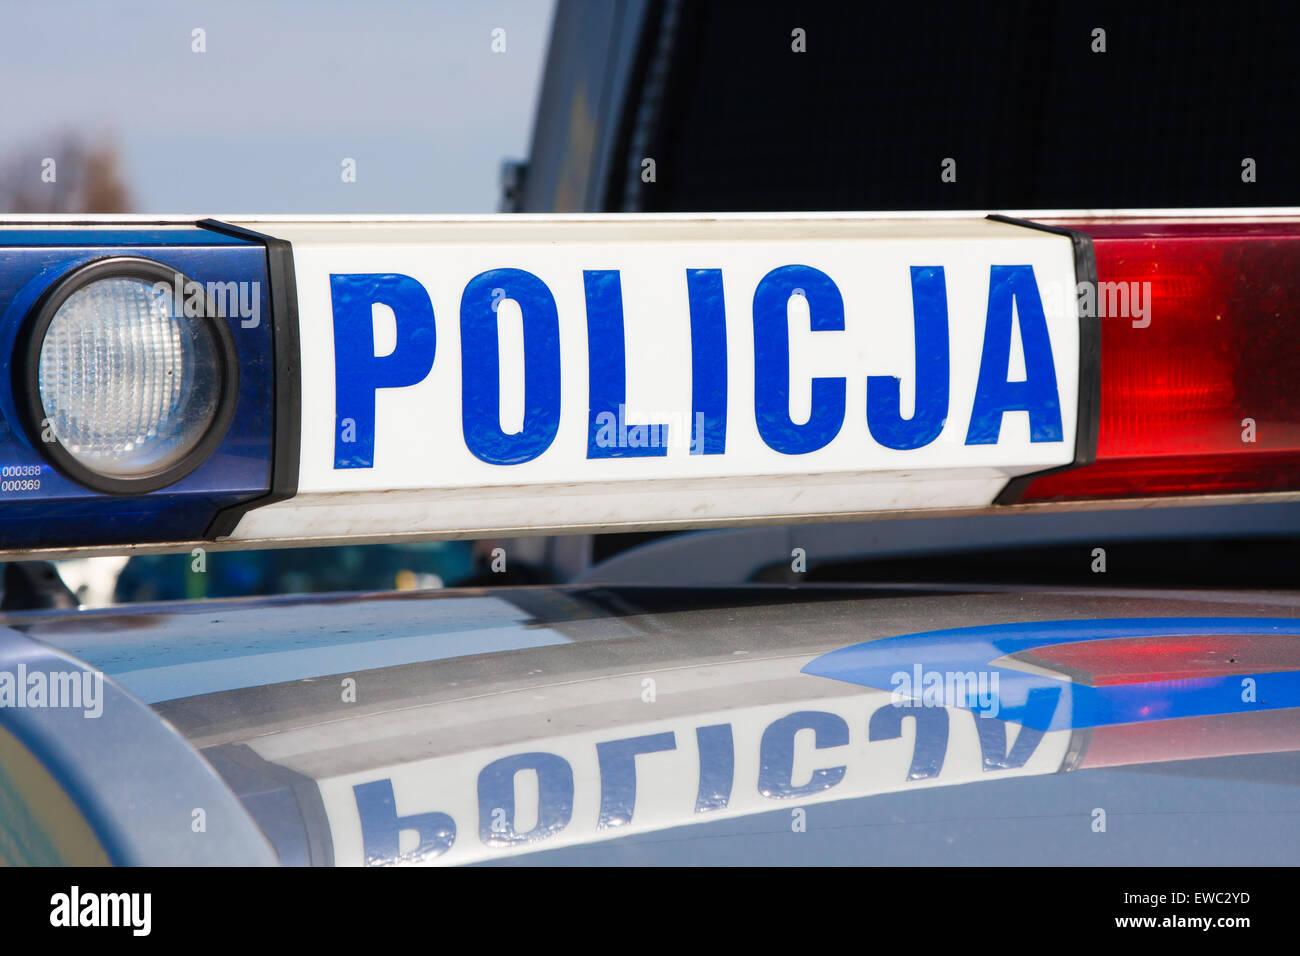 LIPNICA MUROWANA, Polen - März 29: Ostern Palm jährlichen Wettbewerb in Lipnica Murowana. Polnische Polizei Stockbild